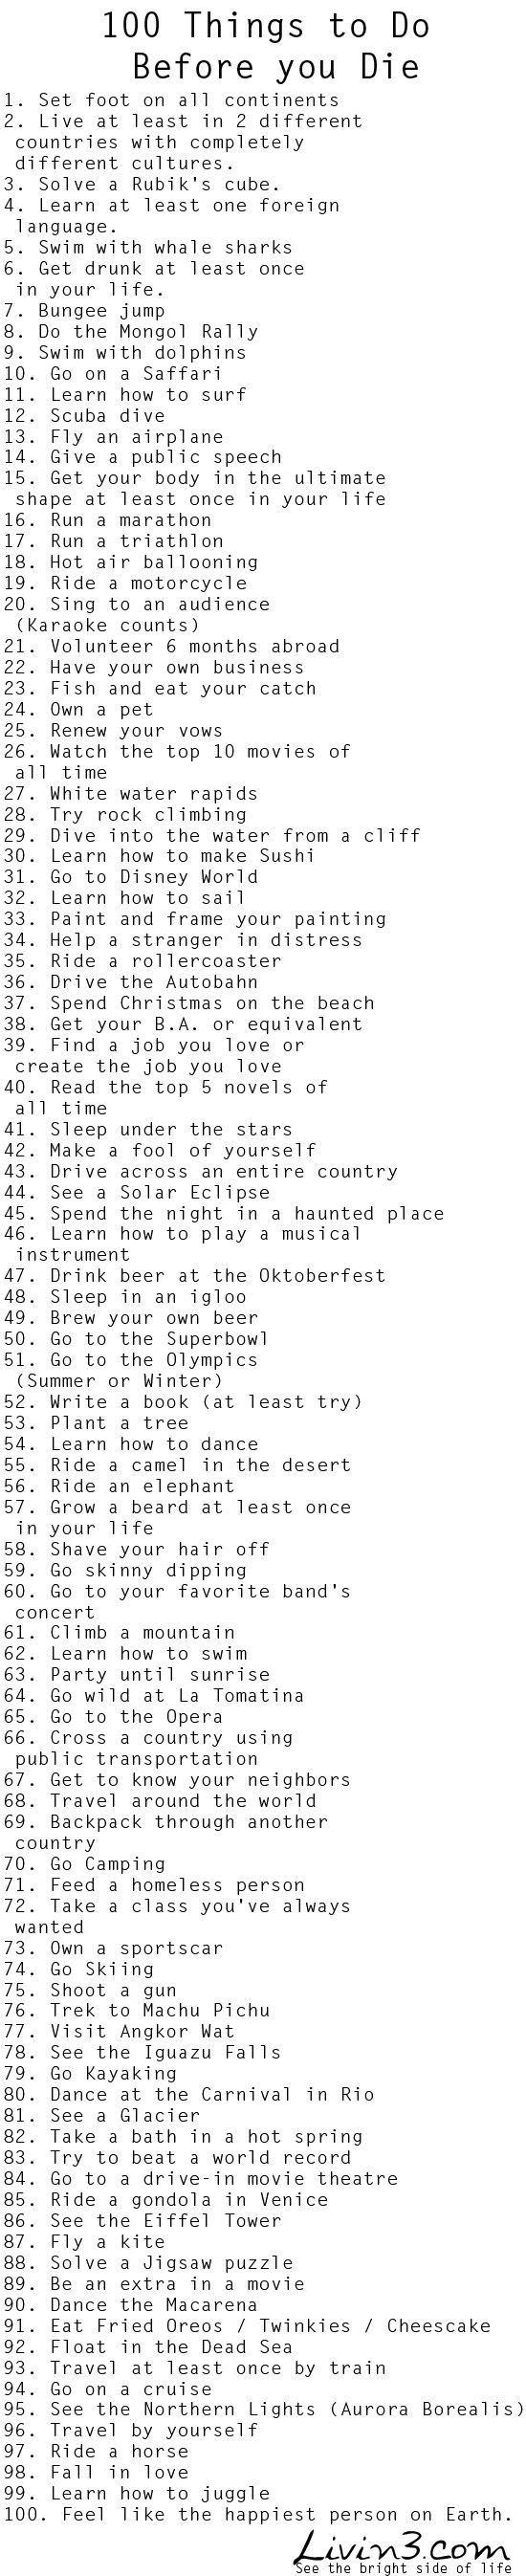 Ultimate bucket list